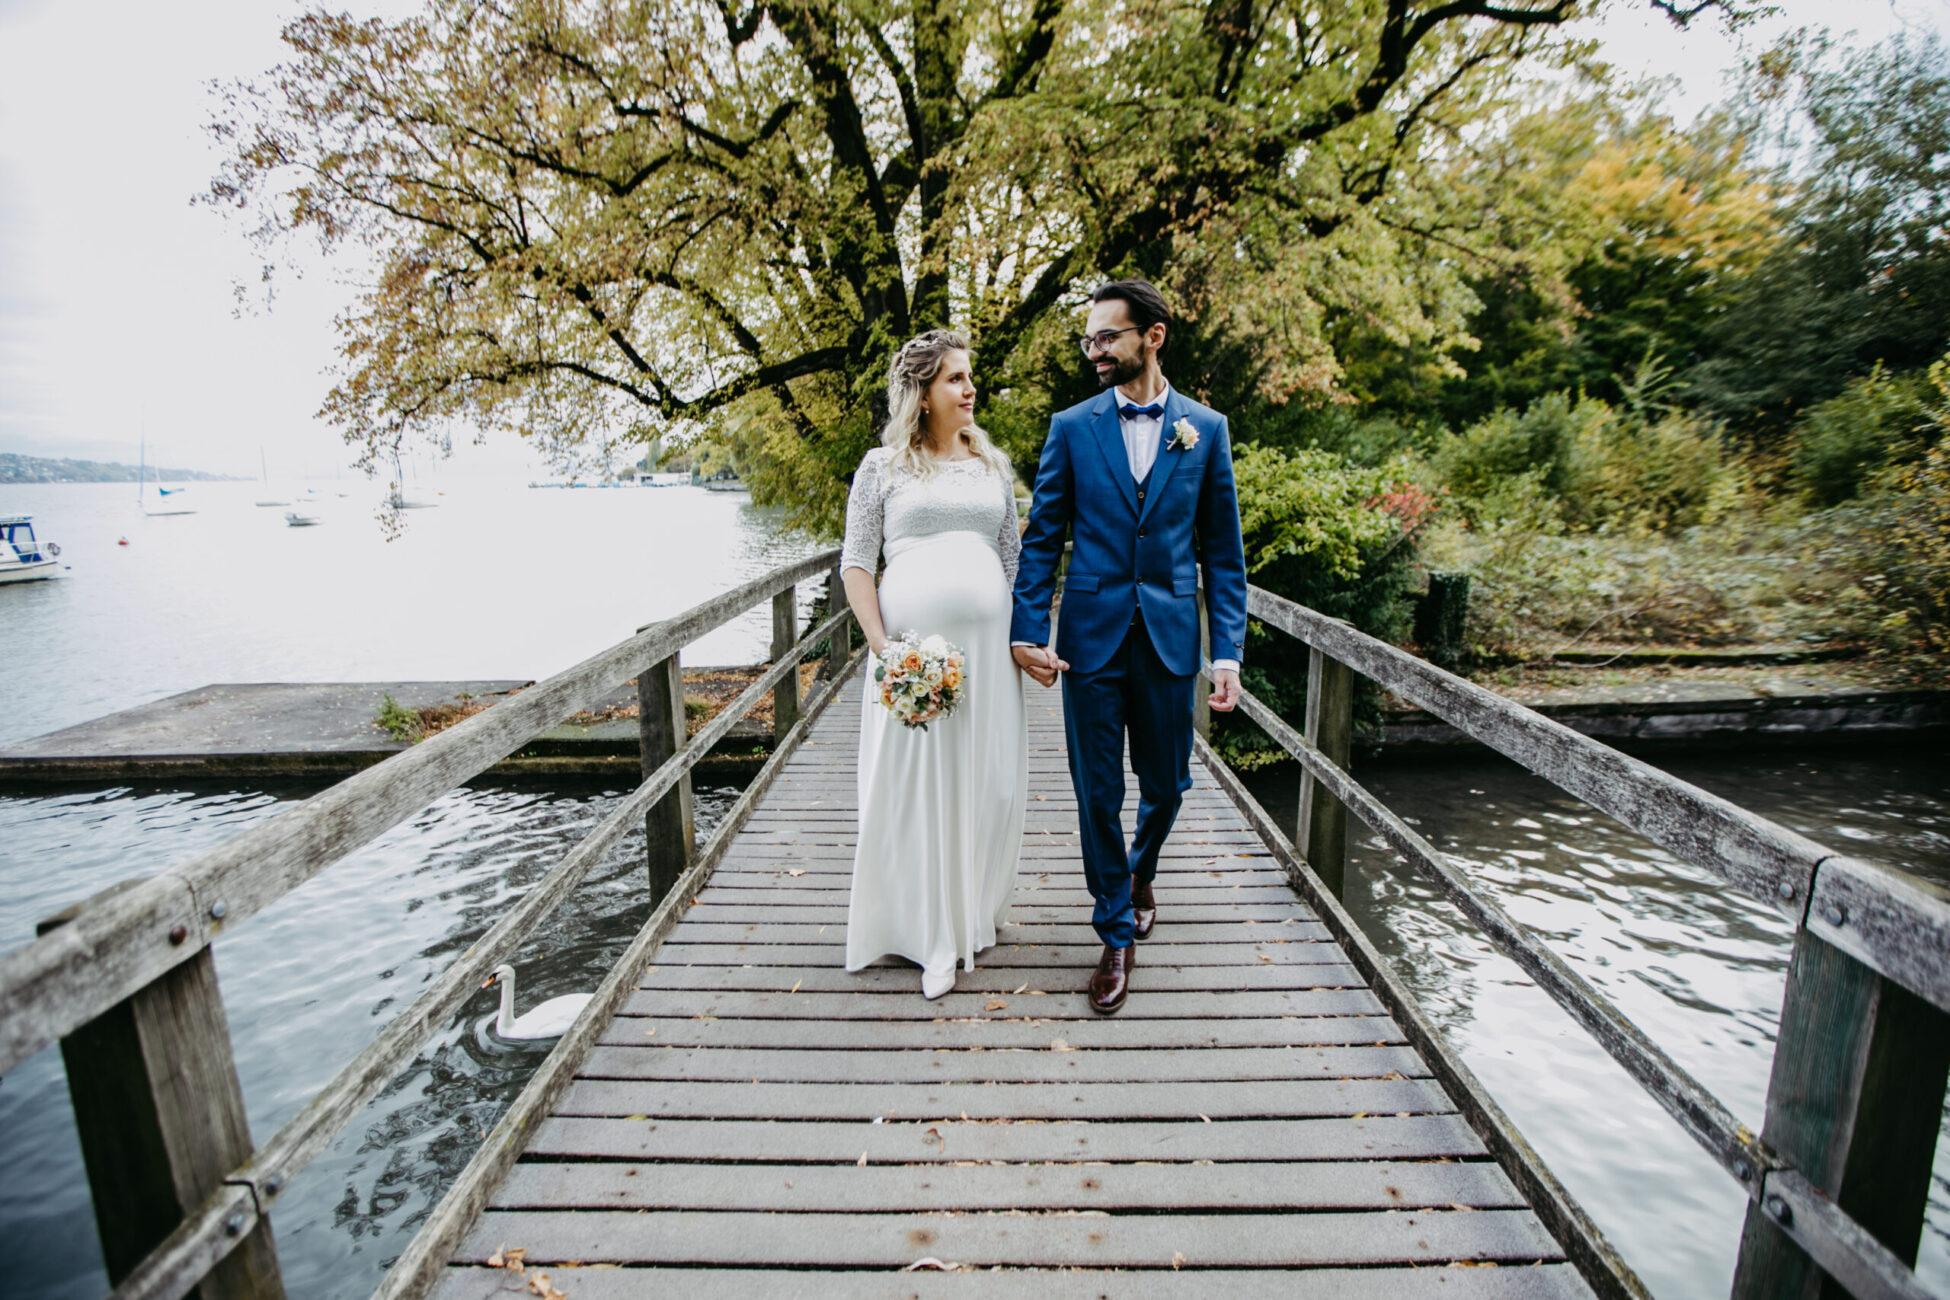 Hochzeitsfotograf Zürich, Hochzeitsfotograf, Hochzeitsfotograf Zug, Hochzeitsfotograf Luzern, Hochzeitsfotograf Aargau,